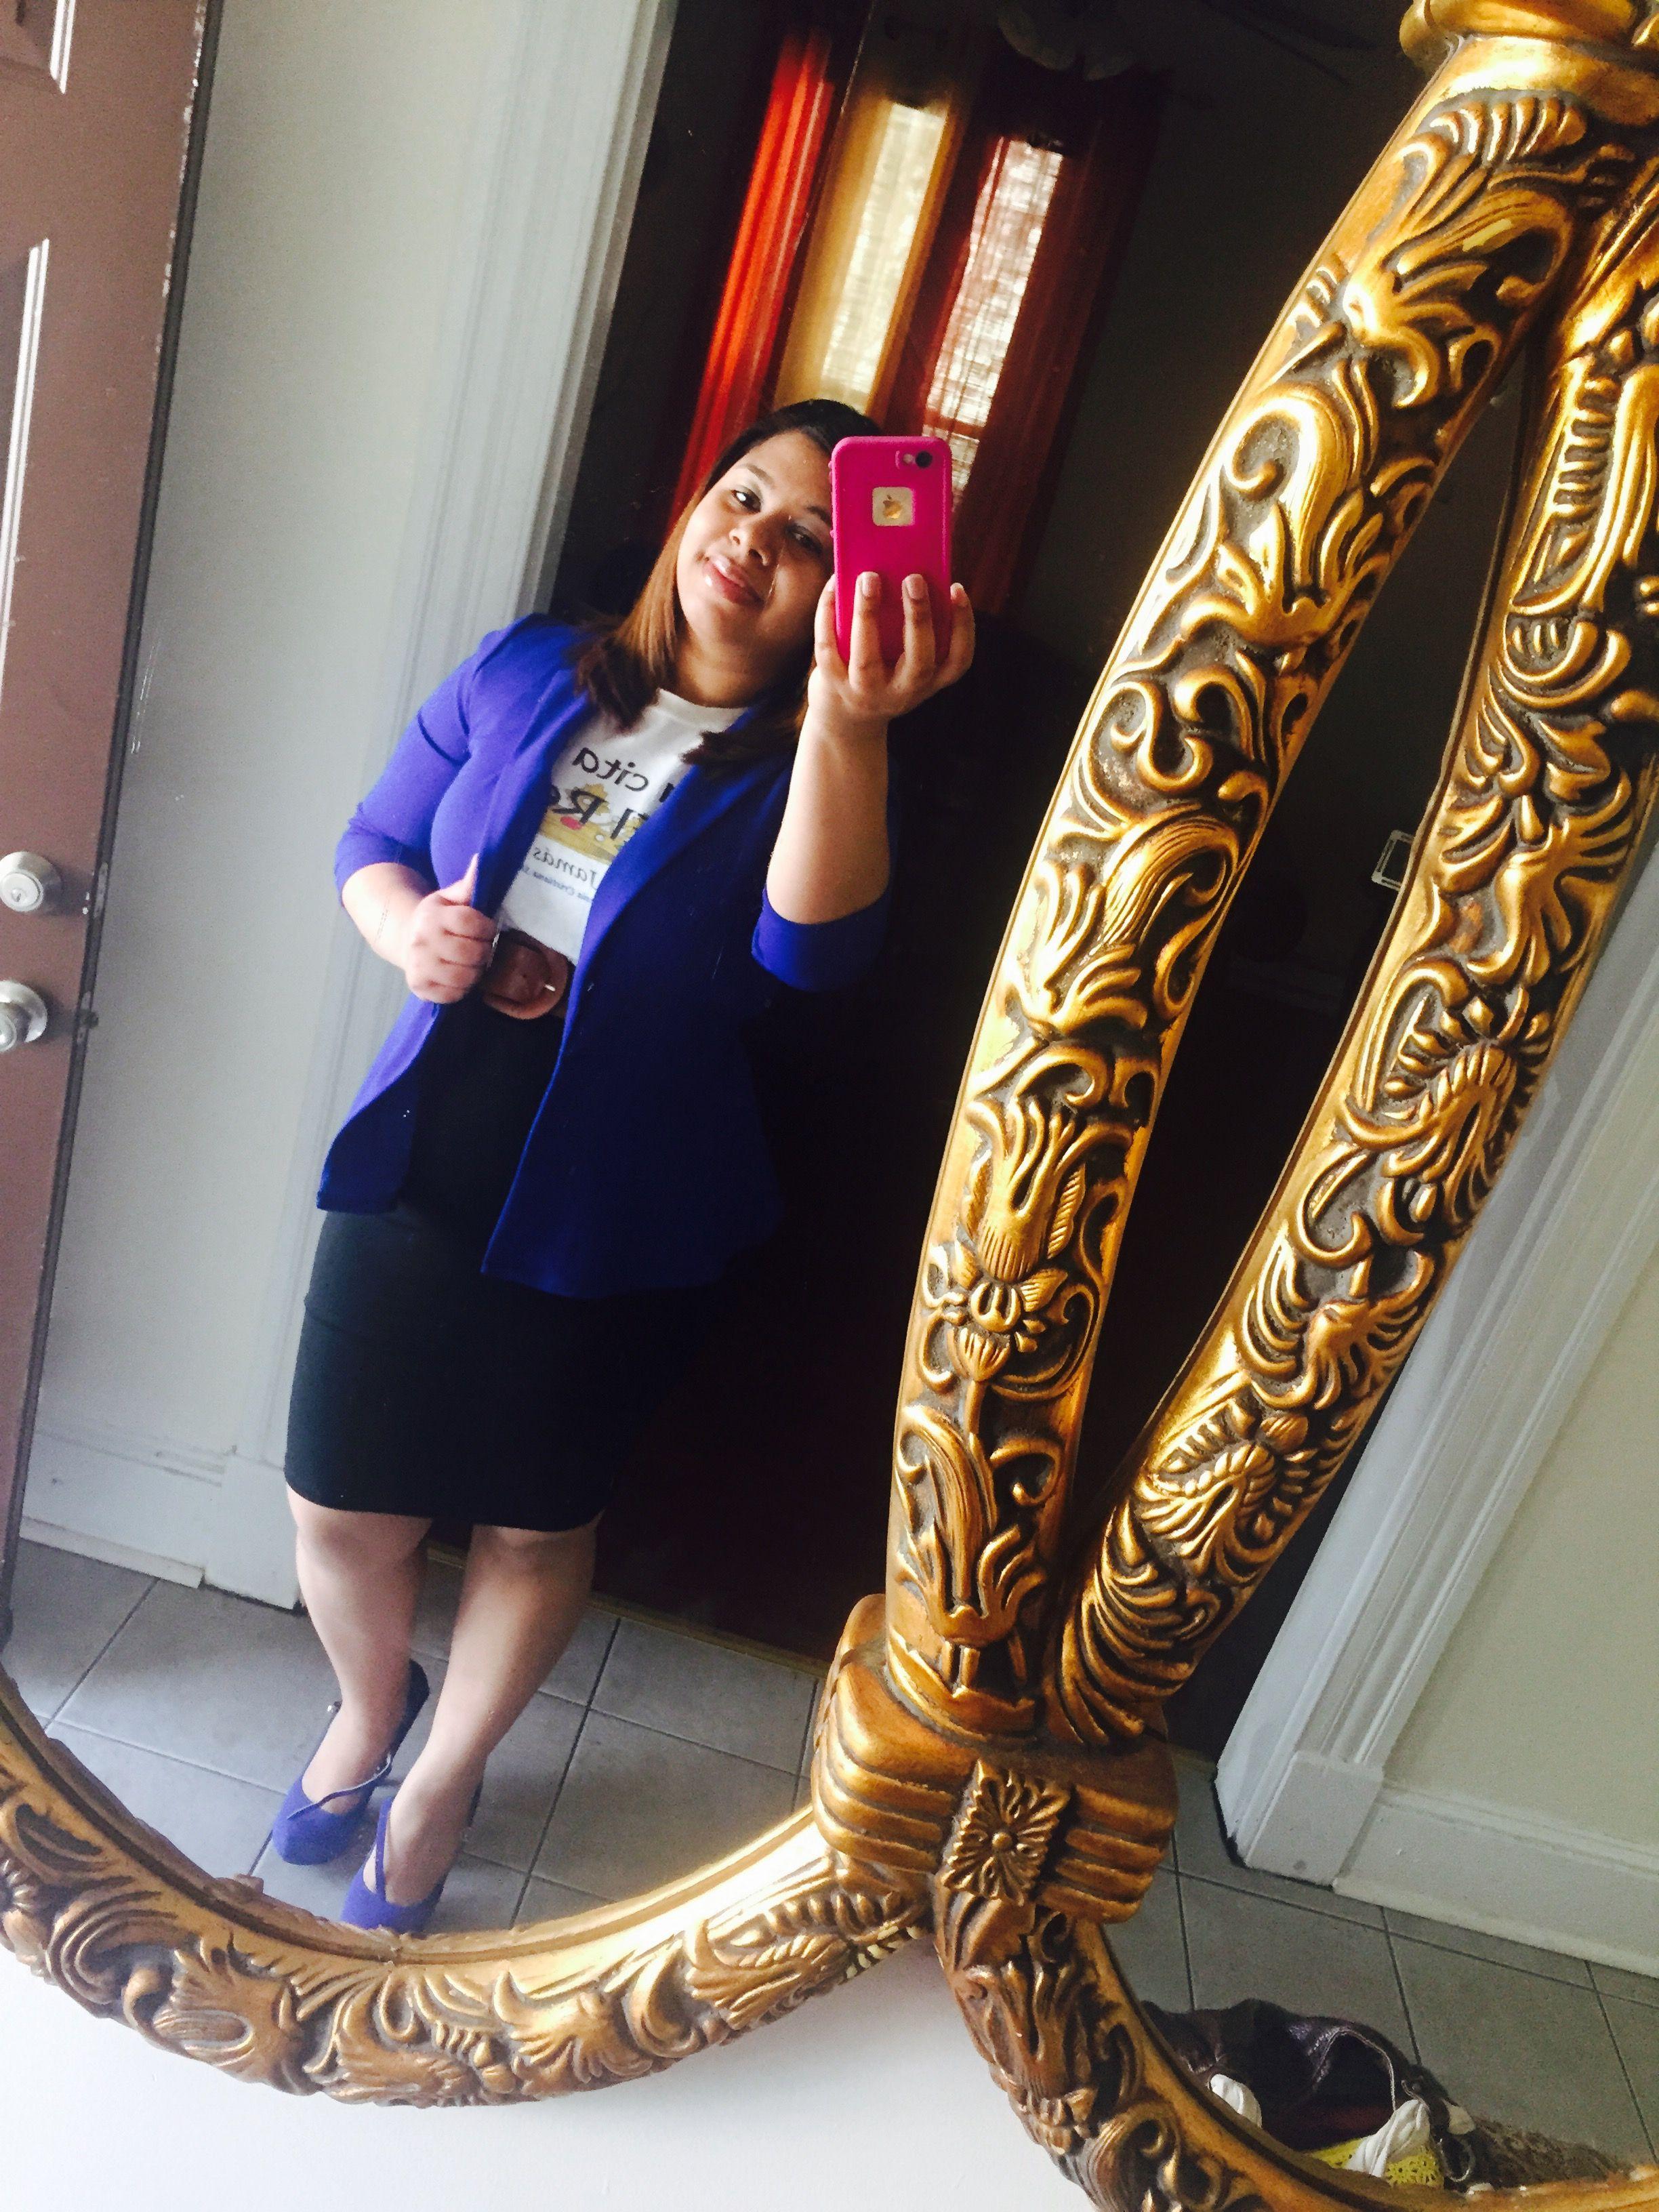 Zapatos y blazer blue, falda negra, corea brown y poloche de Una Cita Con El Rey